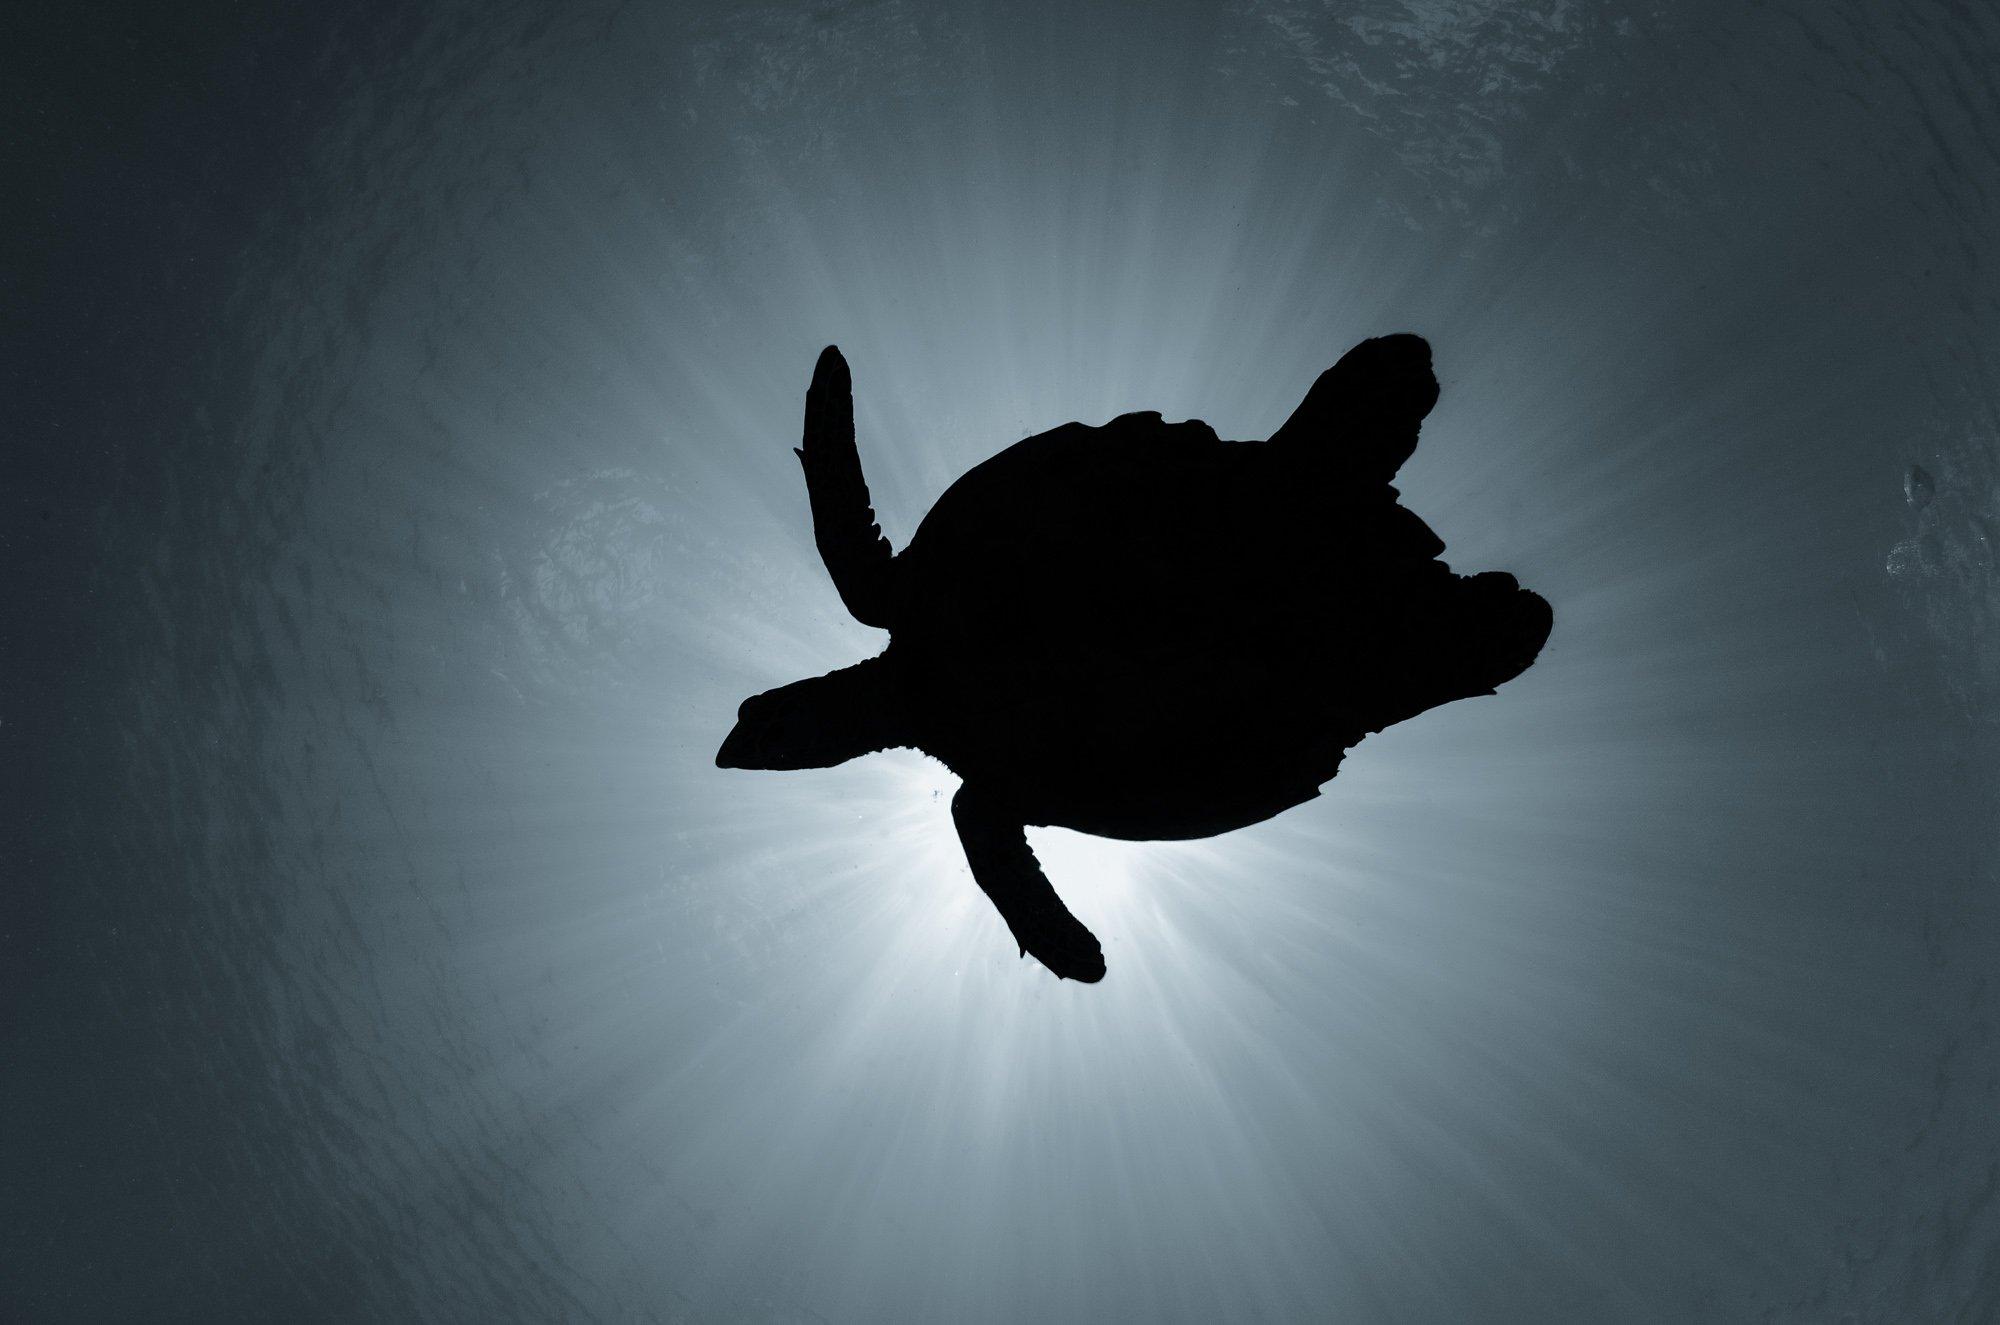 черепаха, природа, животные, подводой, дикая природа, солнечные лучи, подводный мир, Дмитрий Старостенков